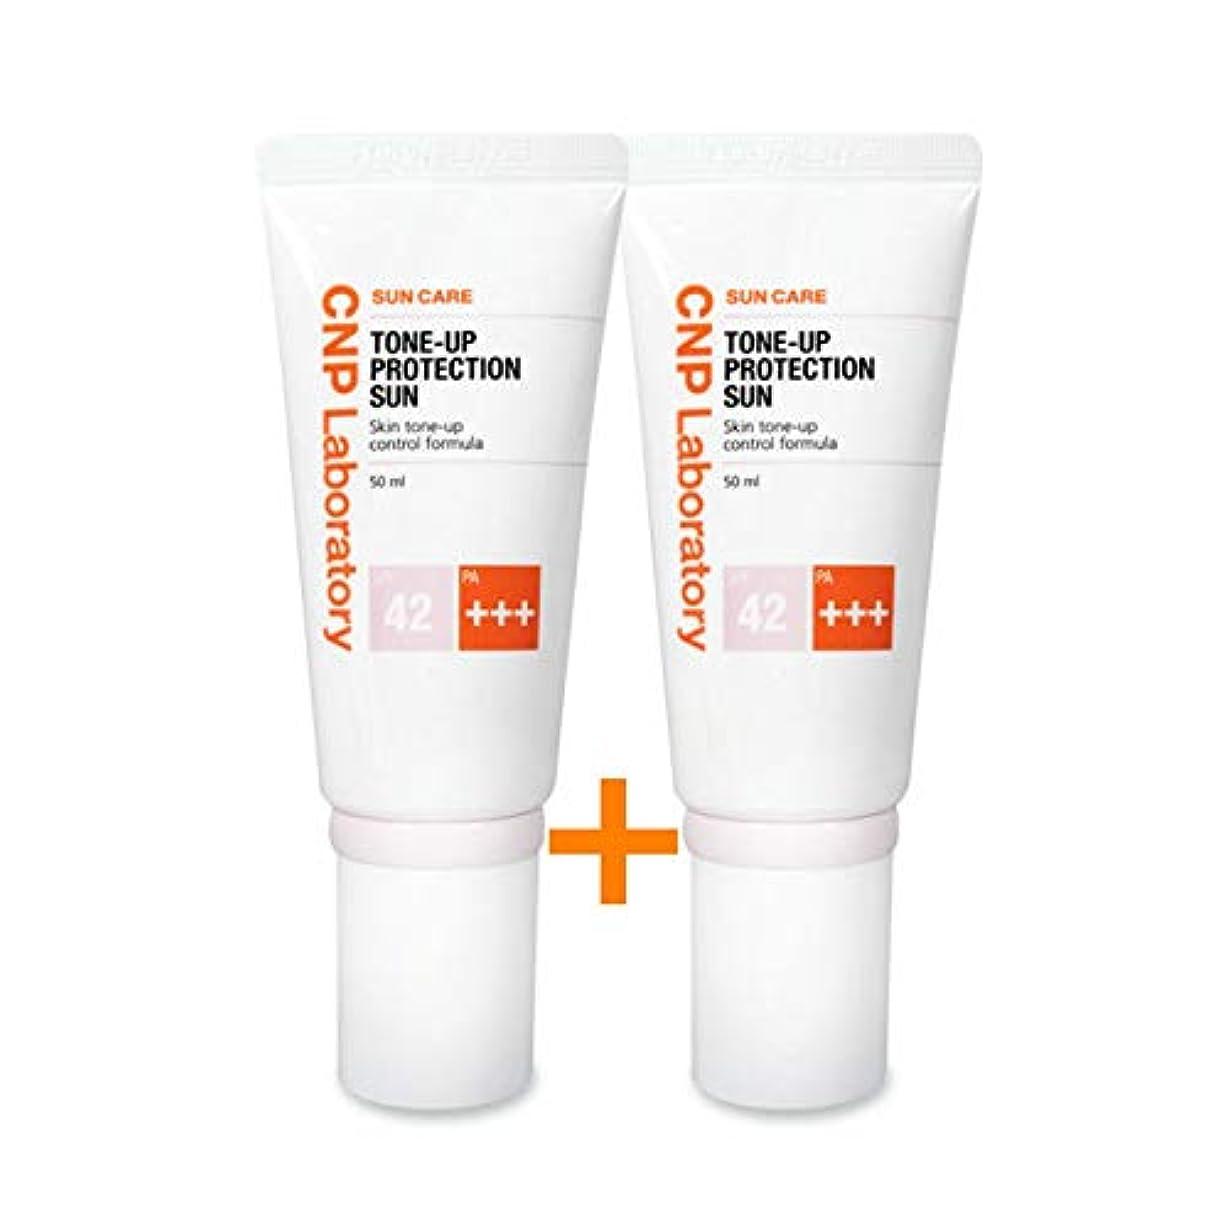 あいまいさポルトガル語ミリメーター[ 1 + 1 ] CNPトンオププロテクションサン?クリーム紫外線遮断剤 (SPF42 / PA+++) 50ml、CNP Tone-up Protection Sun Cream (SPF42 / PA+++) 50ml...